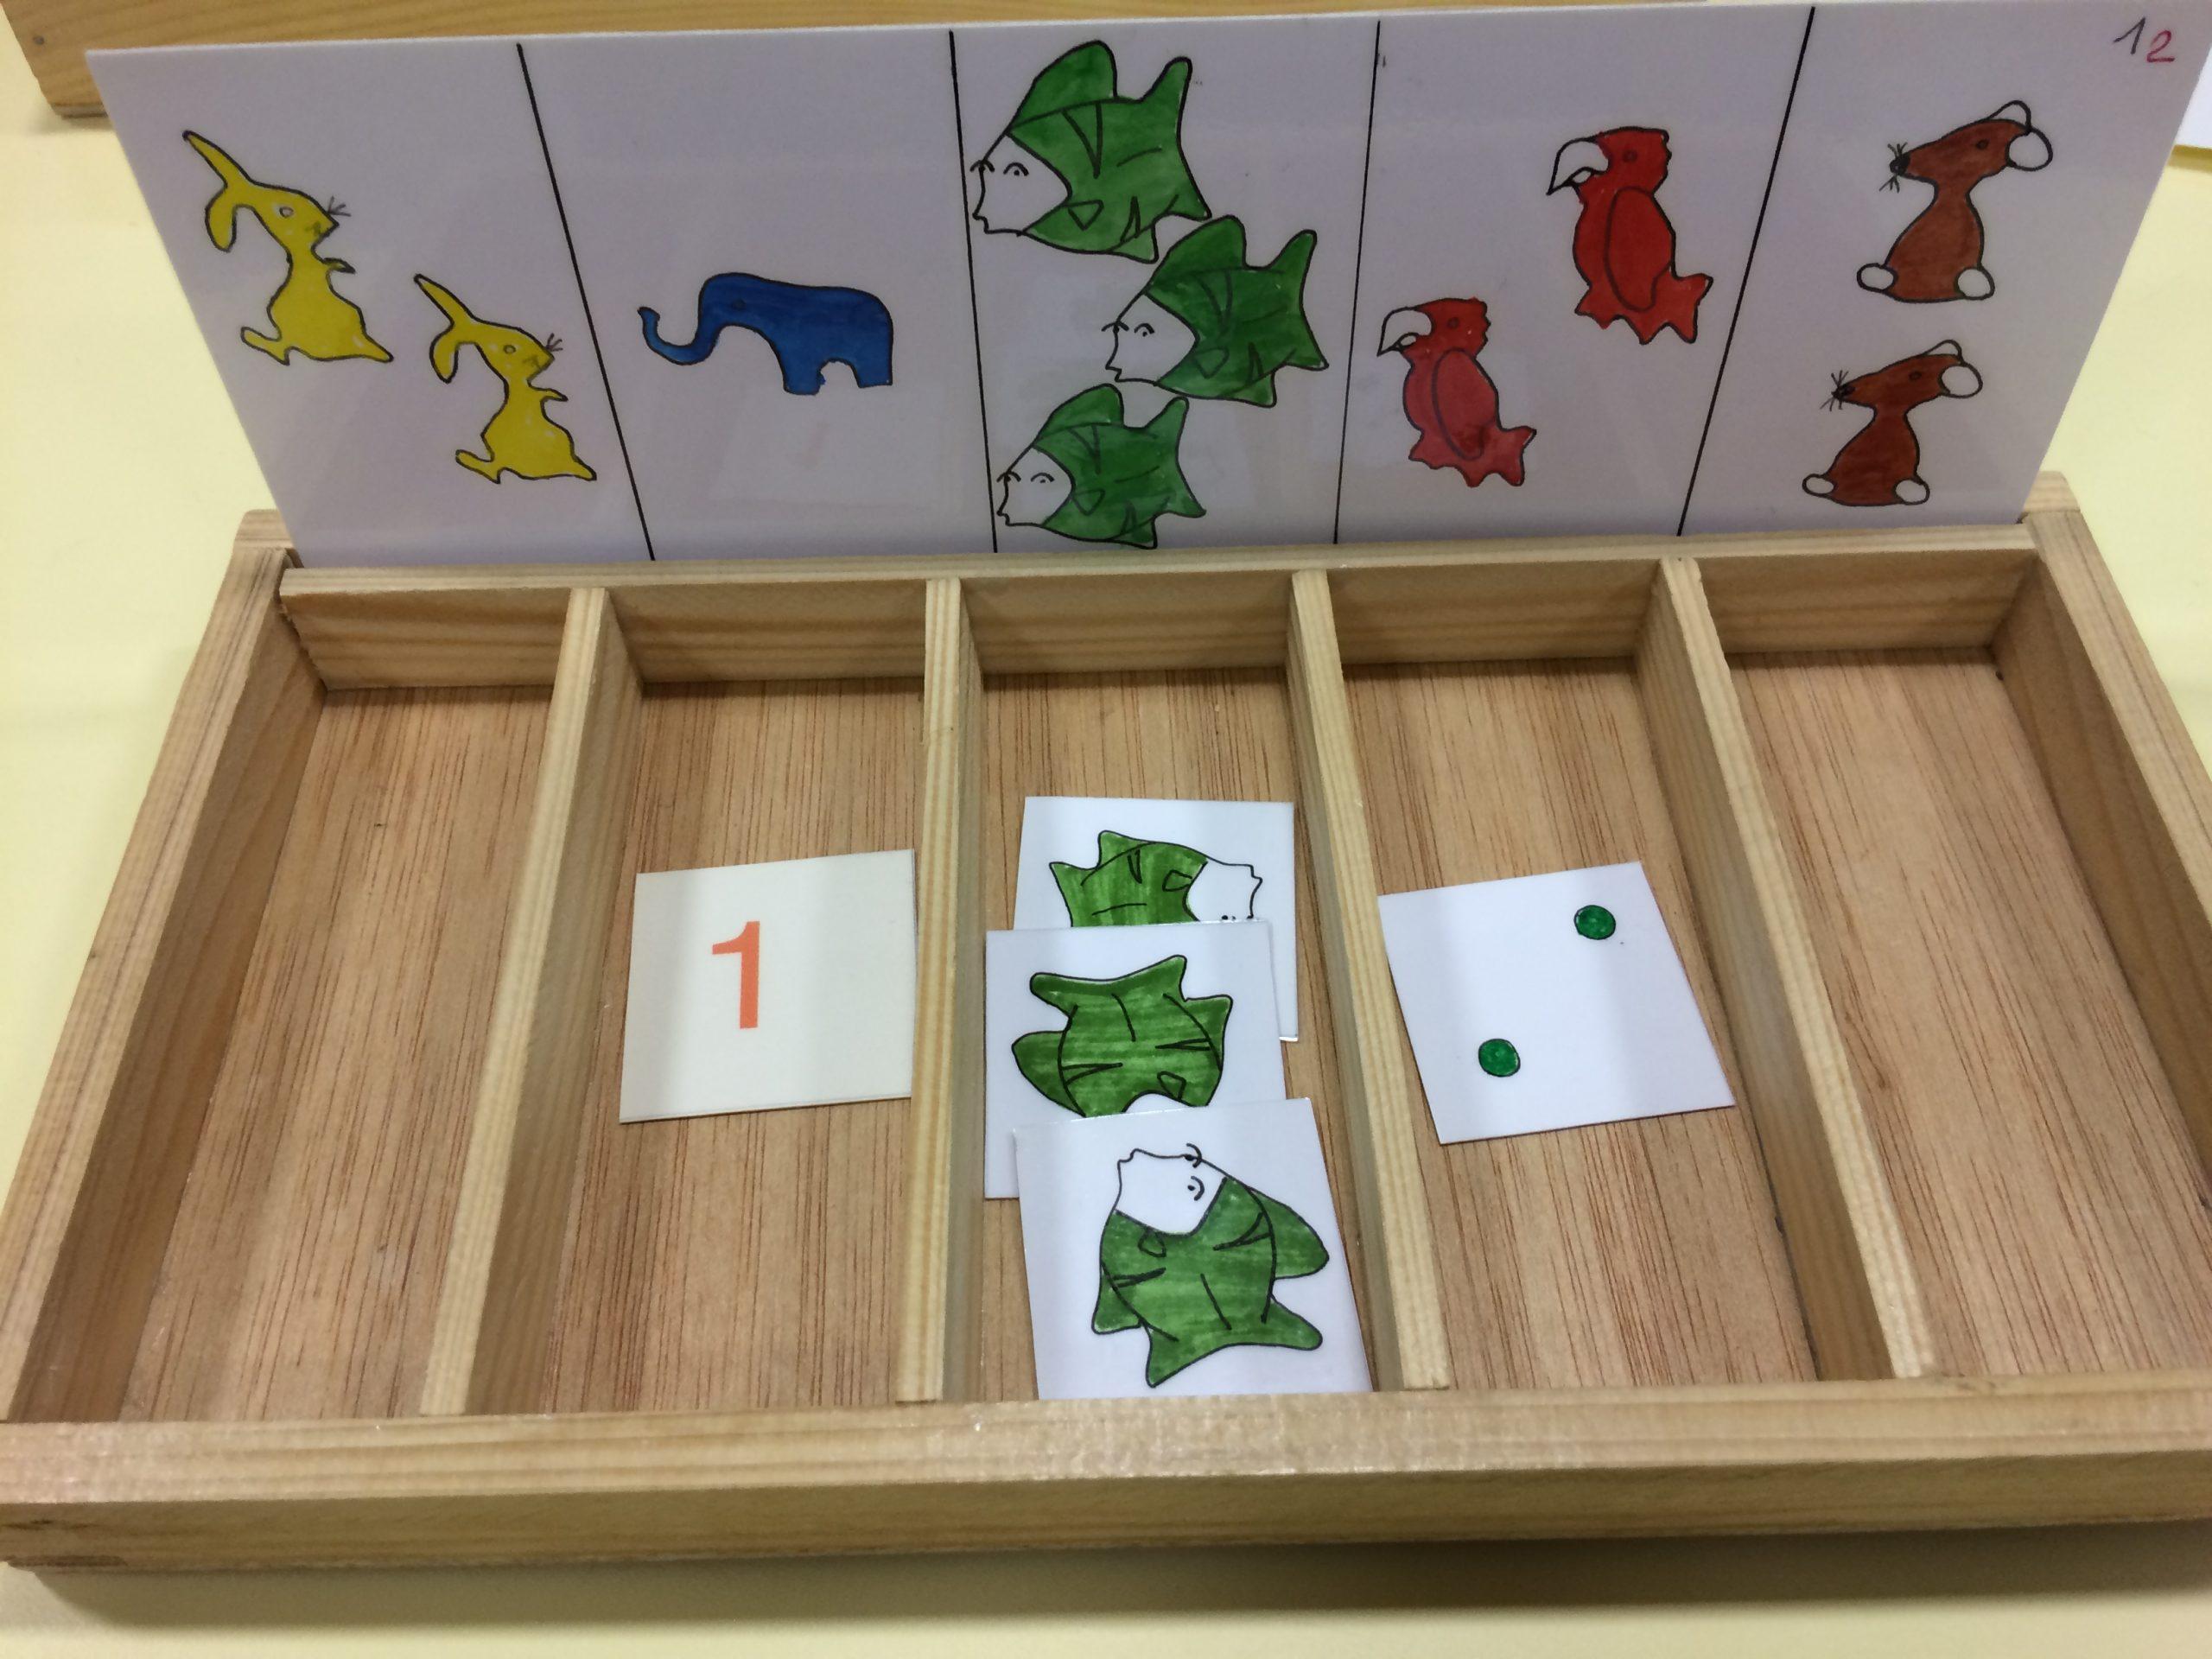 Jeux Pour Apprendre À Compter - Des Ateliers Pour L'école dedans Apprendre A Compter Maternelle